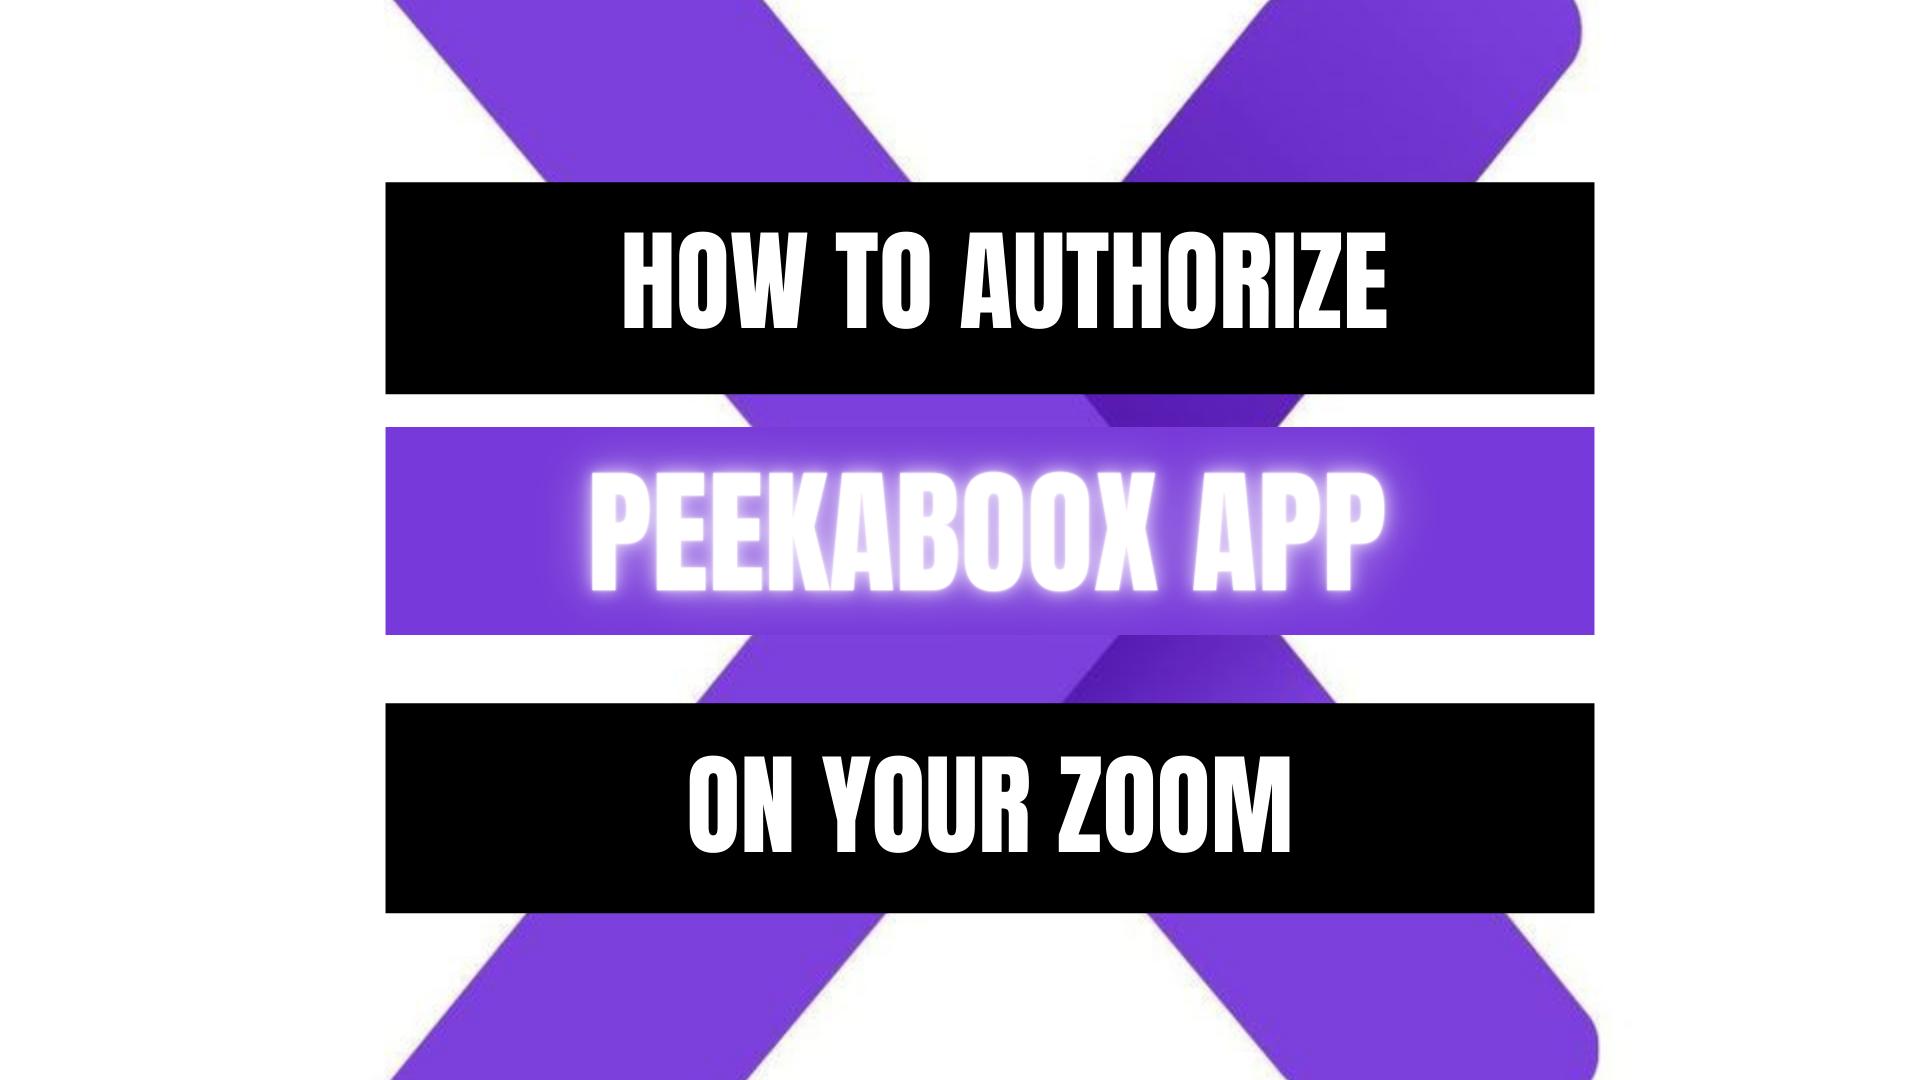 Peekaboox - Authorize Peekaboox App on Zoom